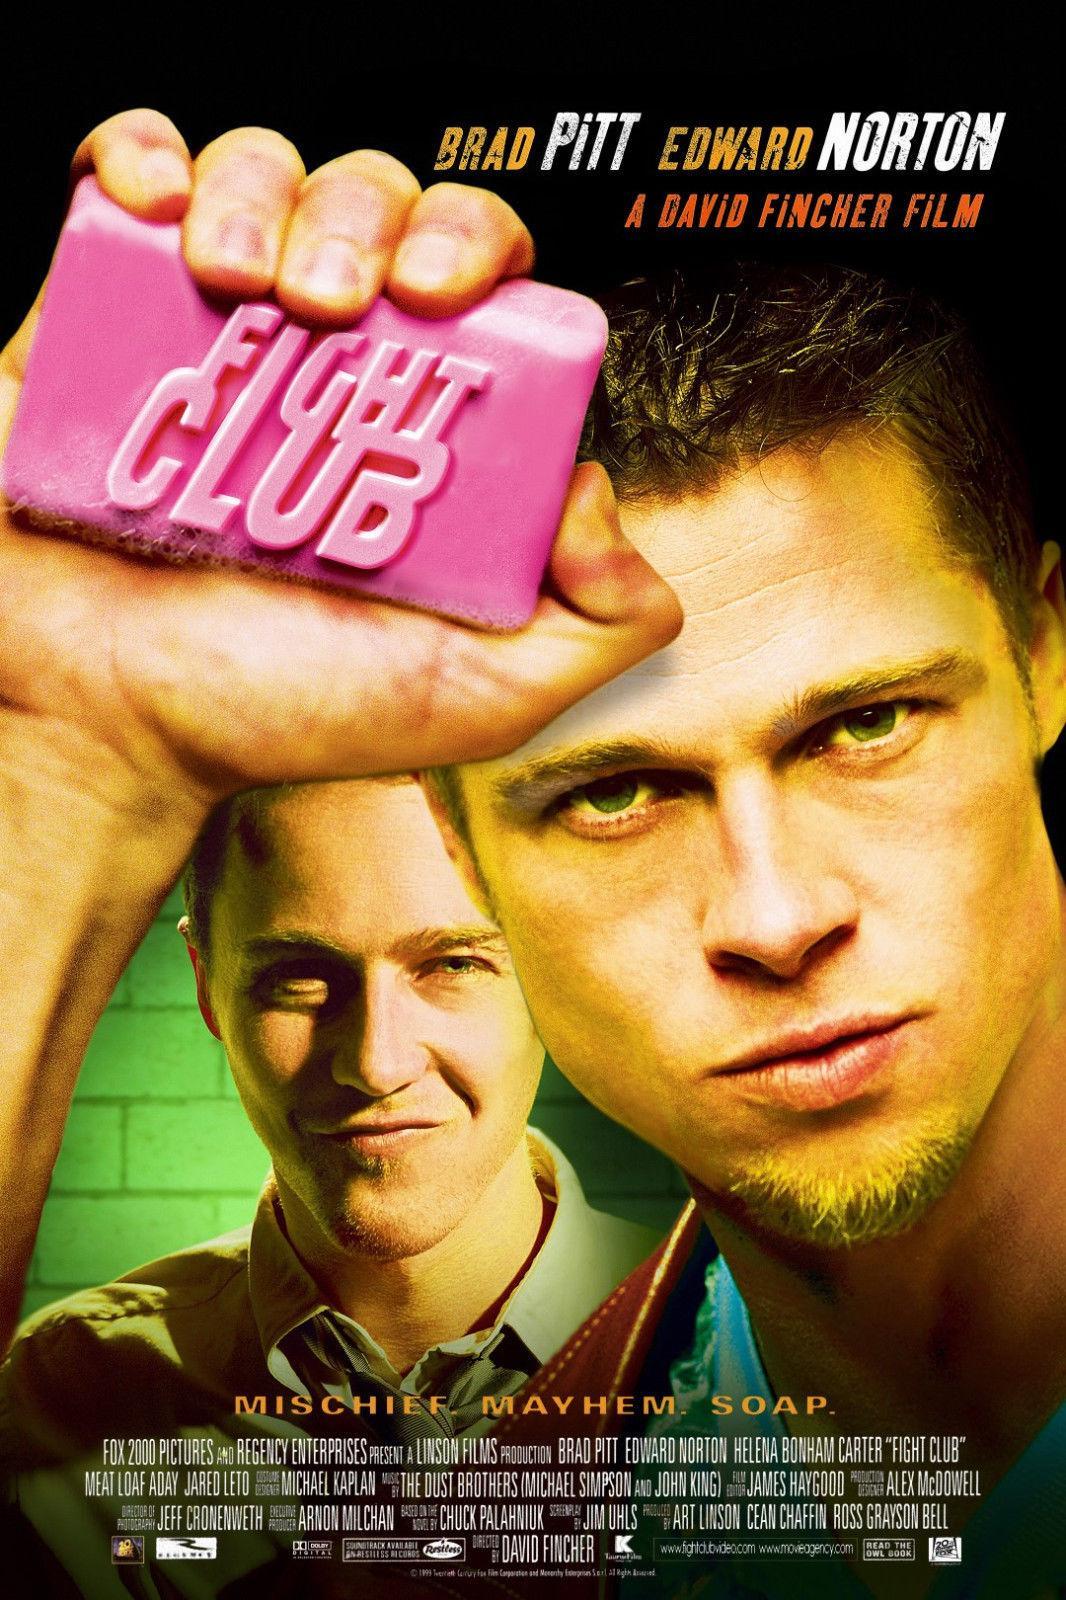 phim đa nhân cách fight club